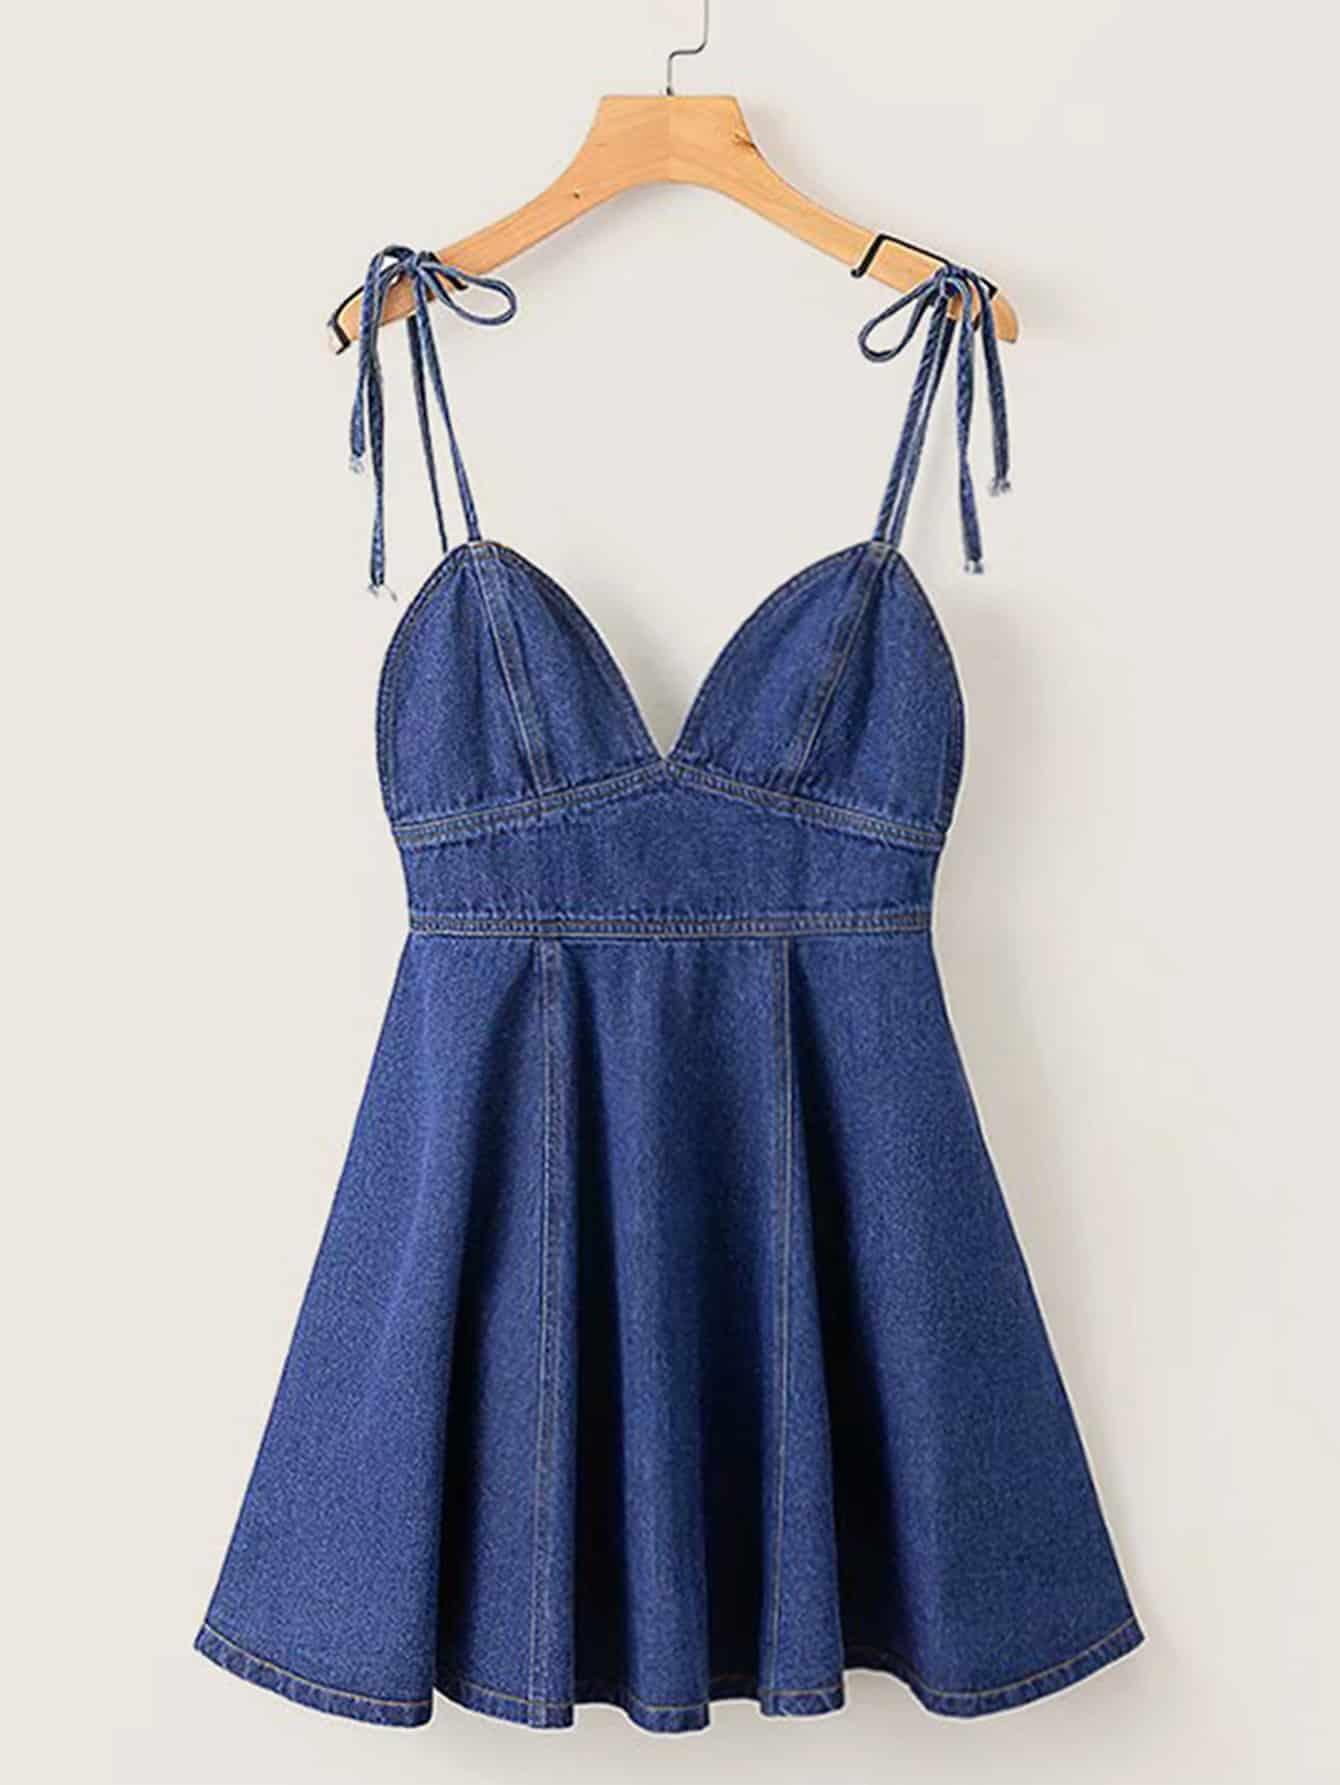 Джинсовое платье  Тёмно-синие цвета